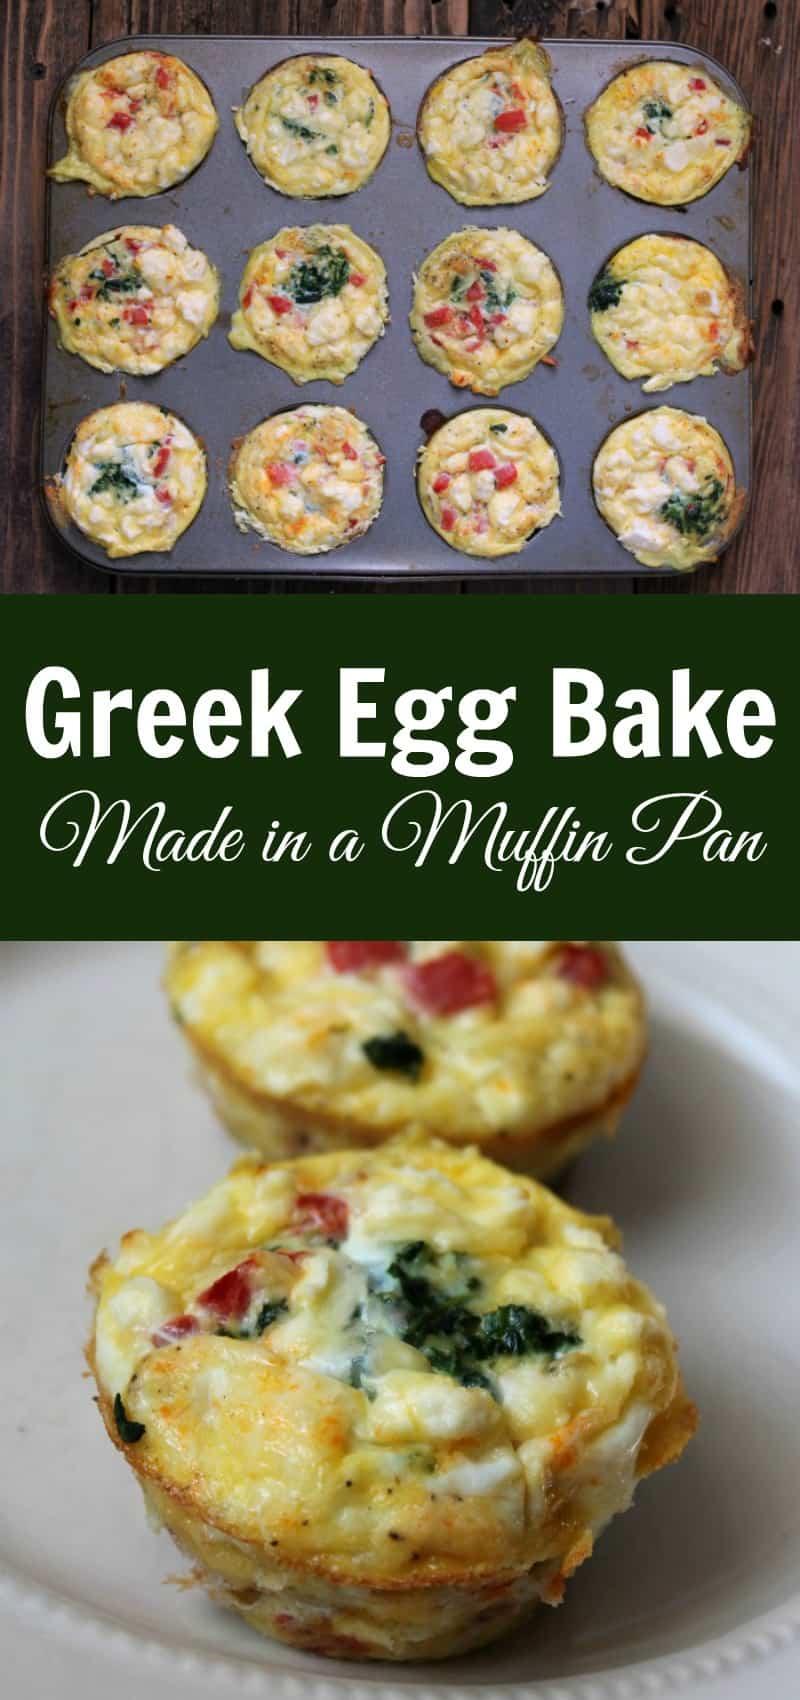 Make-ahead greek egg bake made in a muffin pan